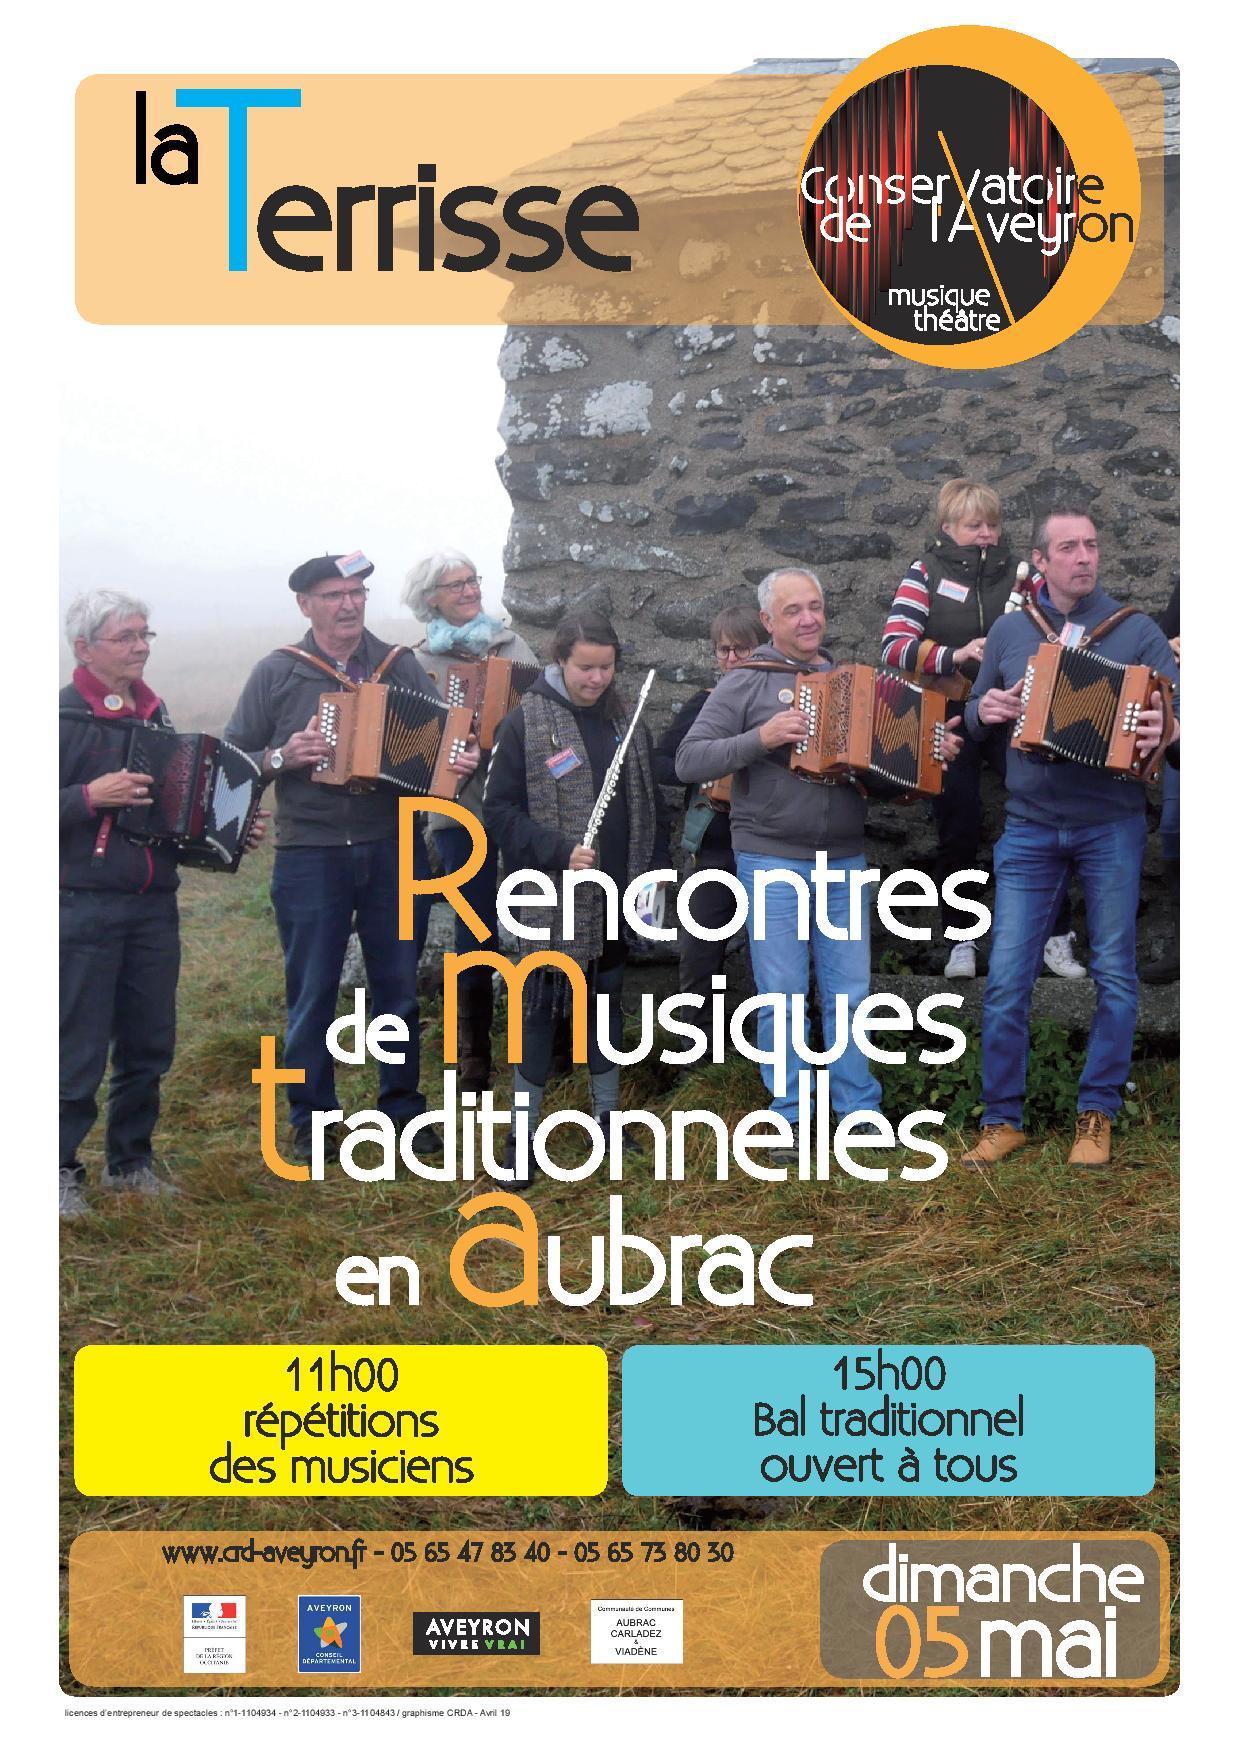 Rencontre musiques traditionnelles